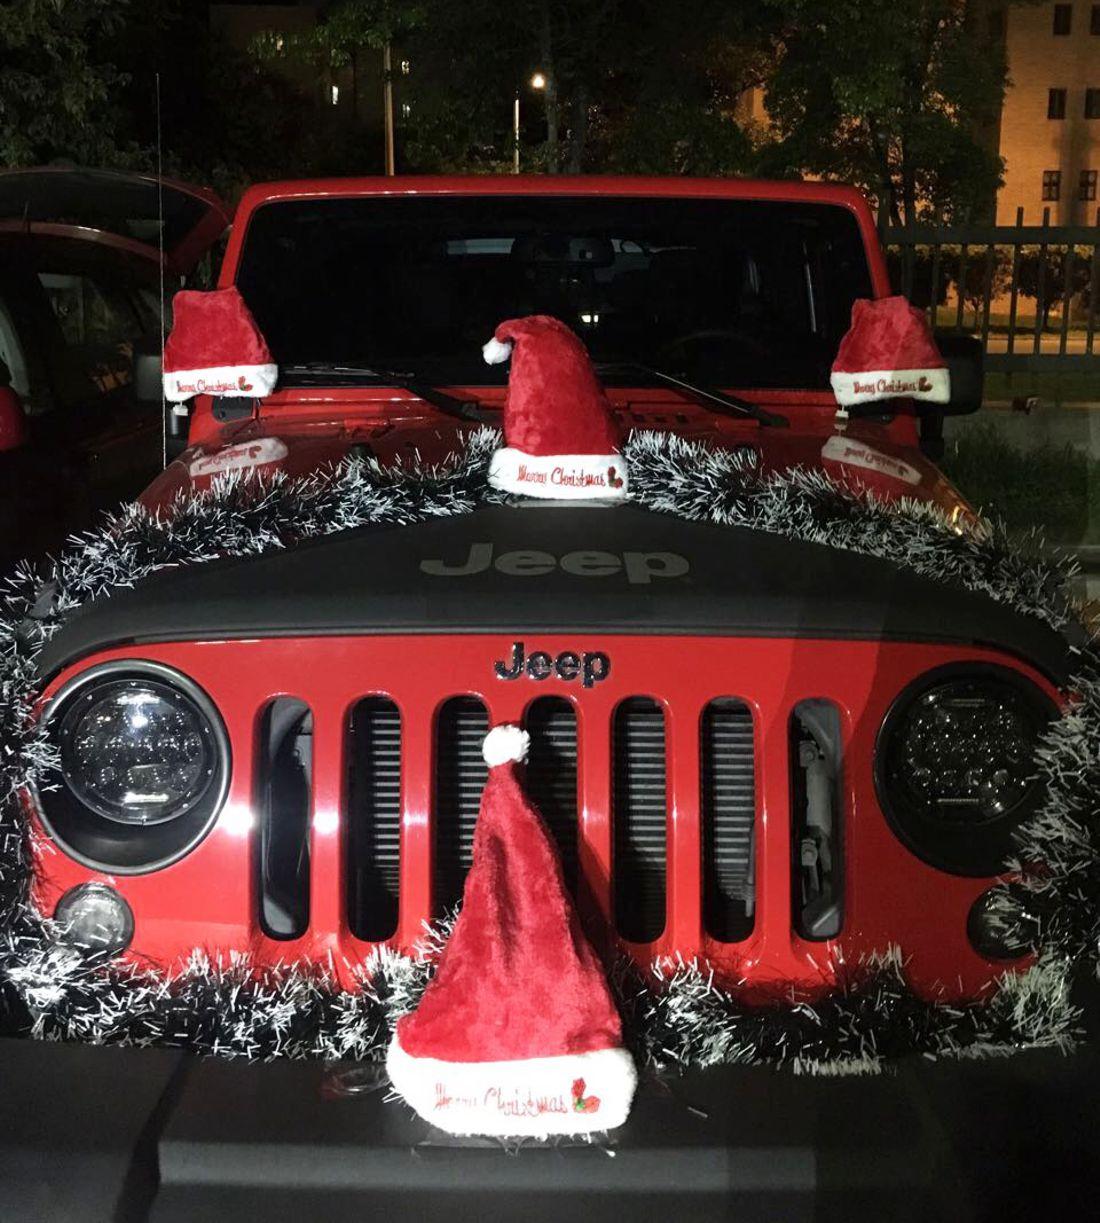 jeep colombia, manada jeep, recorrido navideño, eventos de navidad en colombia, navidad 2017